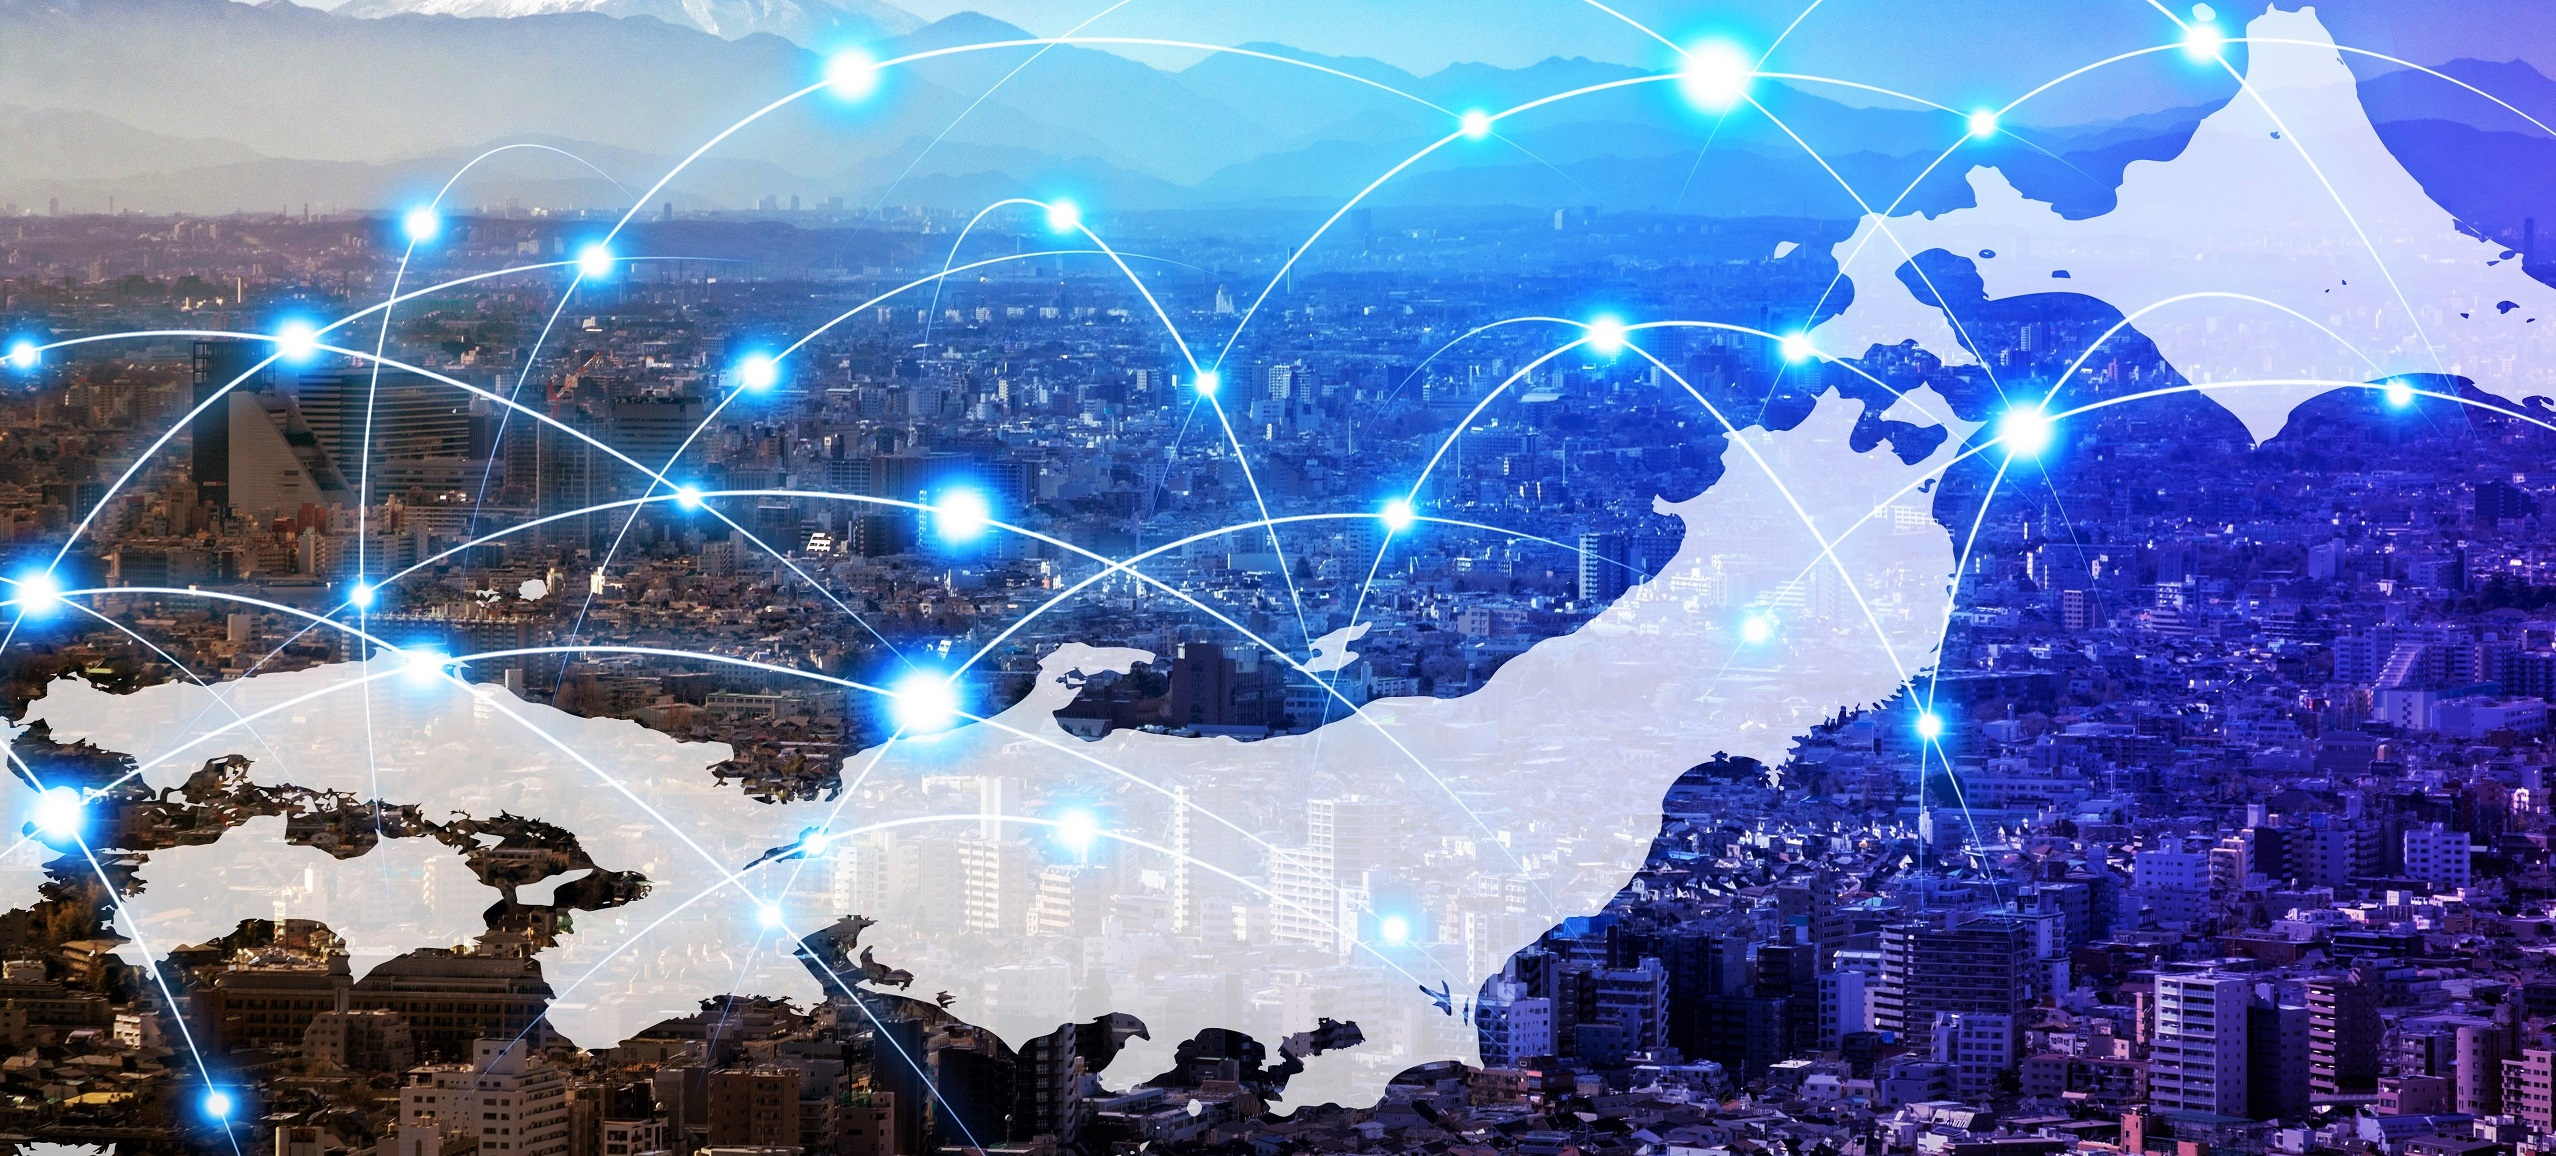 VPN接続の種類4つ|VPNの構成や特徴とVPNサービス7つを紹介のアイキャッチイメージ